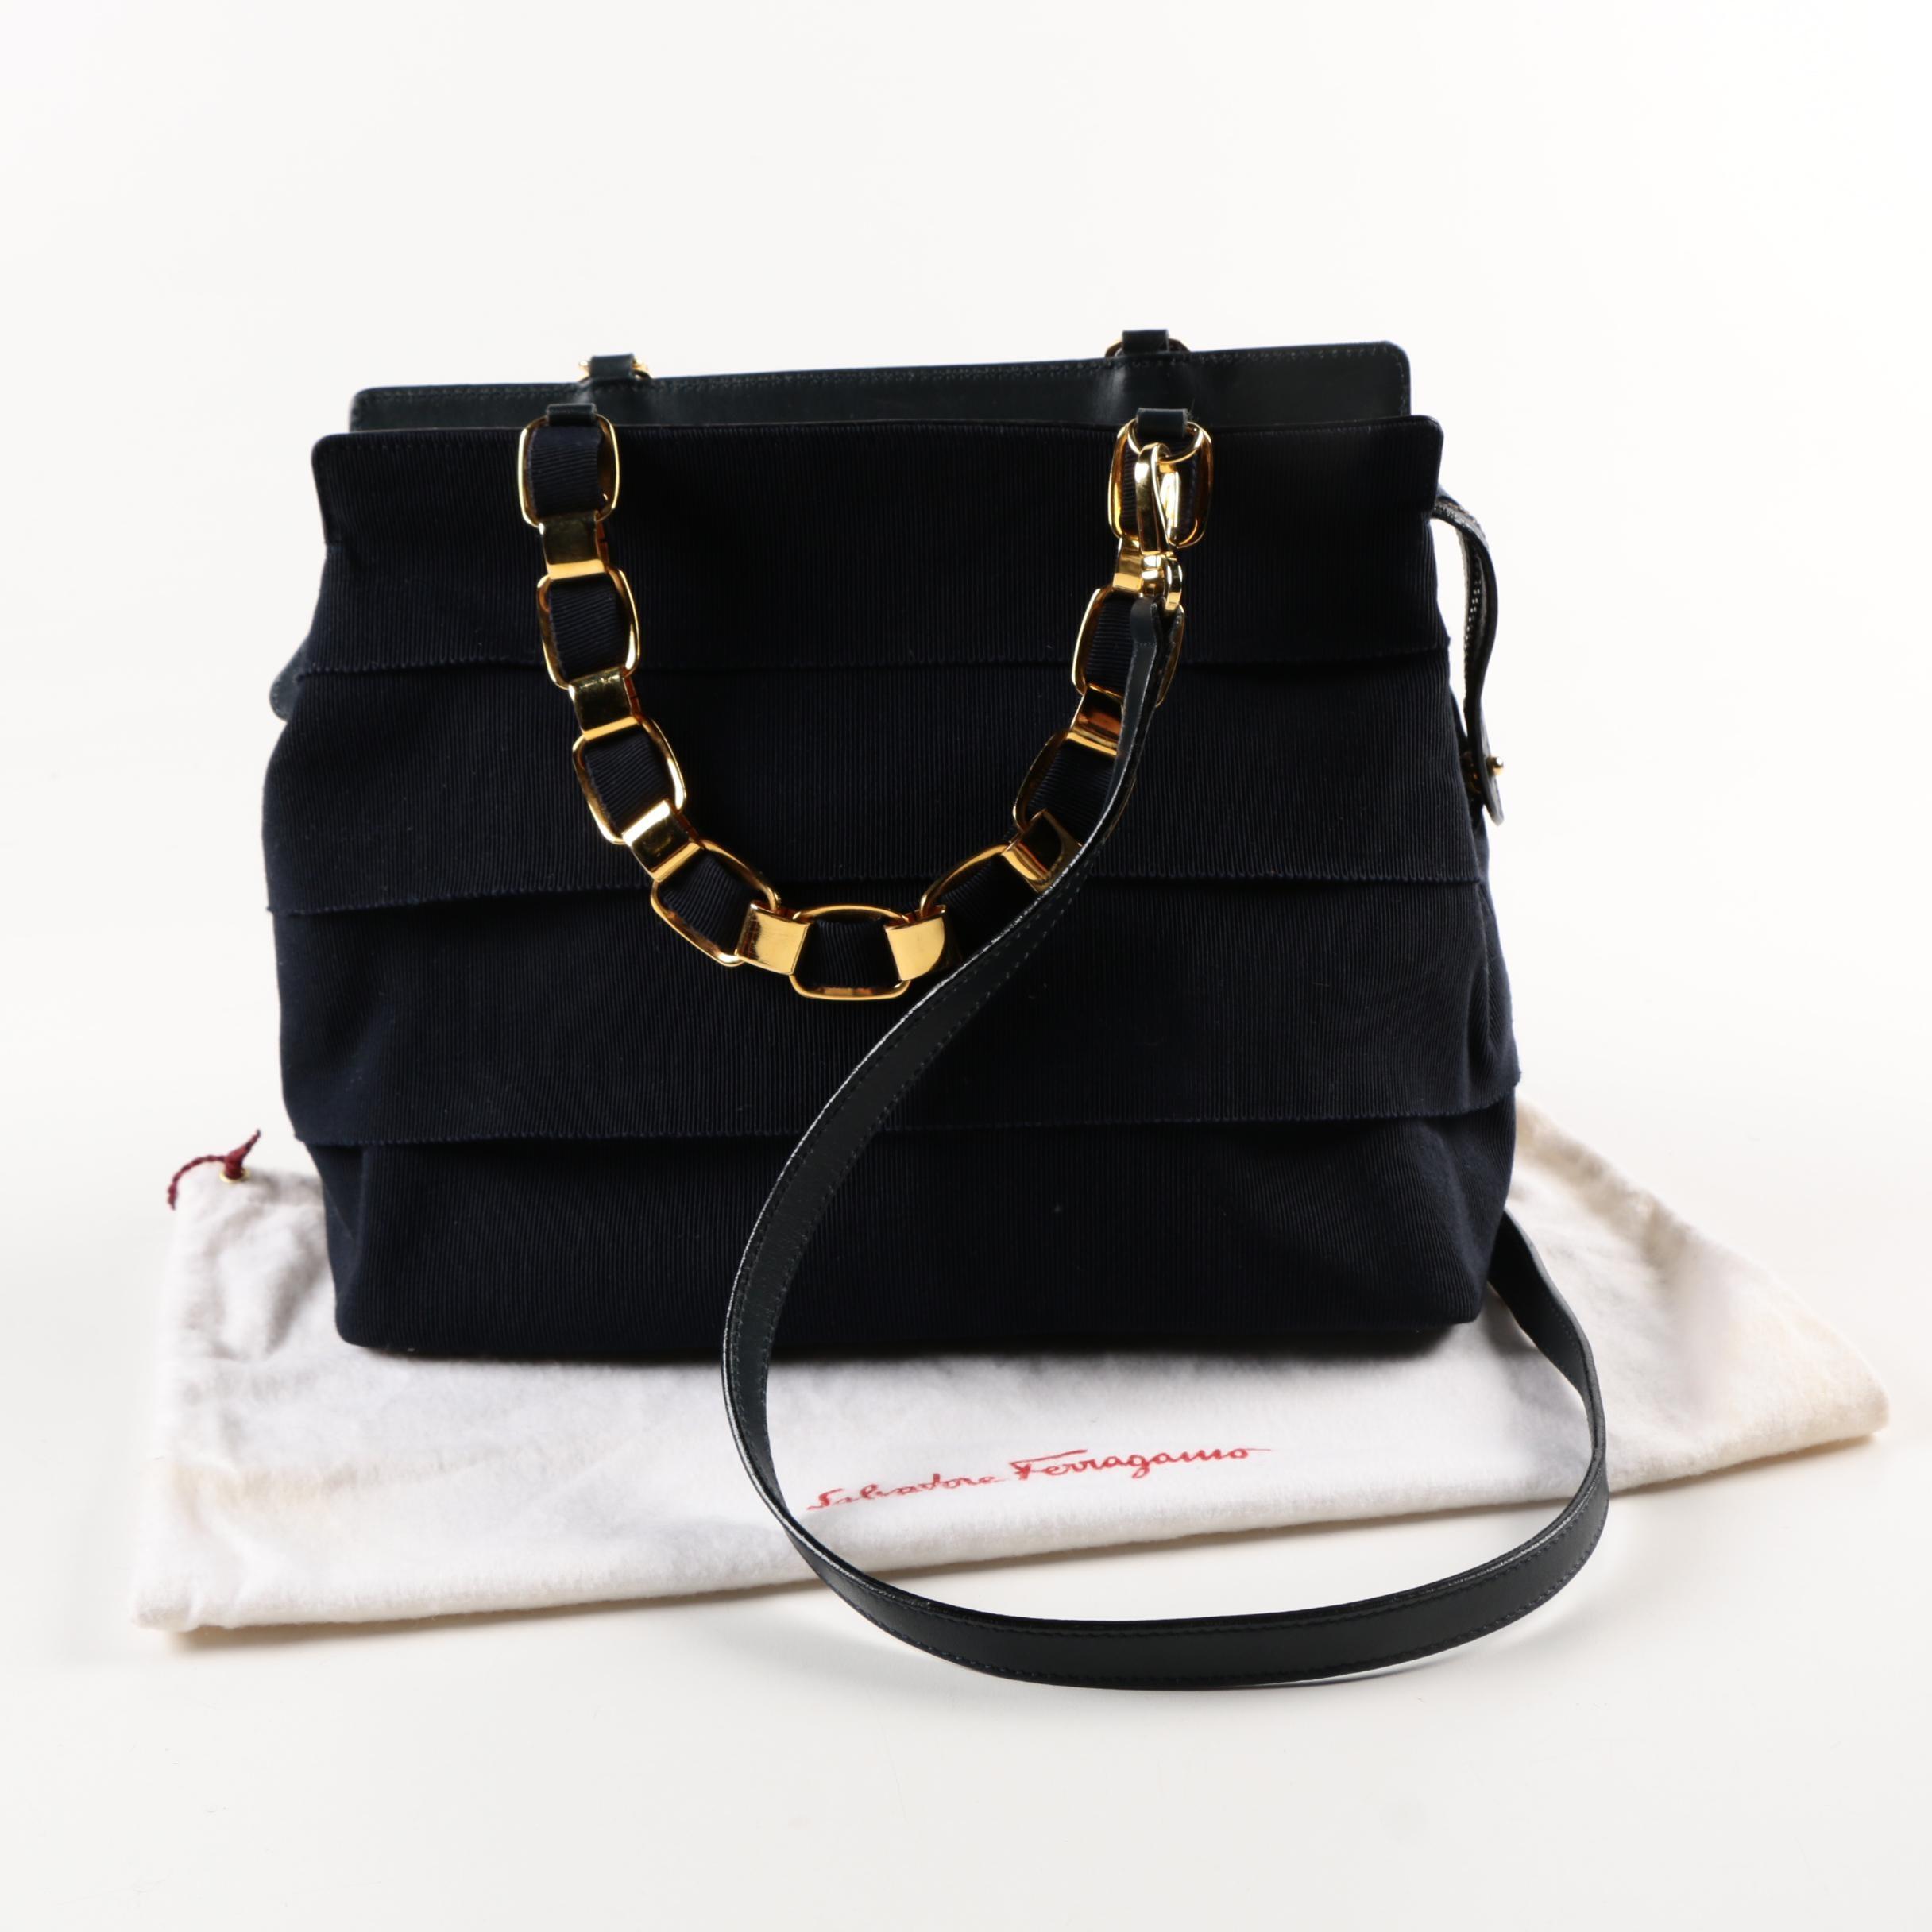 Salvatore Ferragamo Tiered Black Handbag